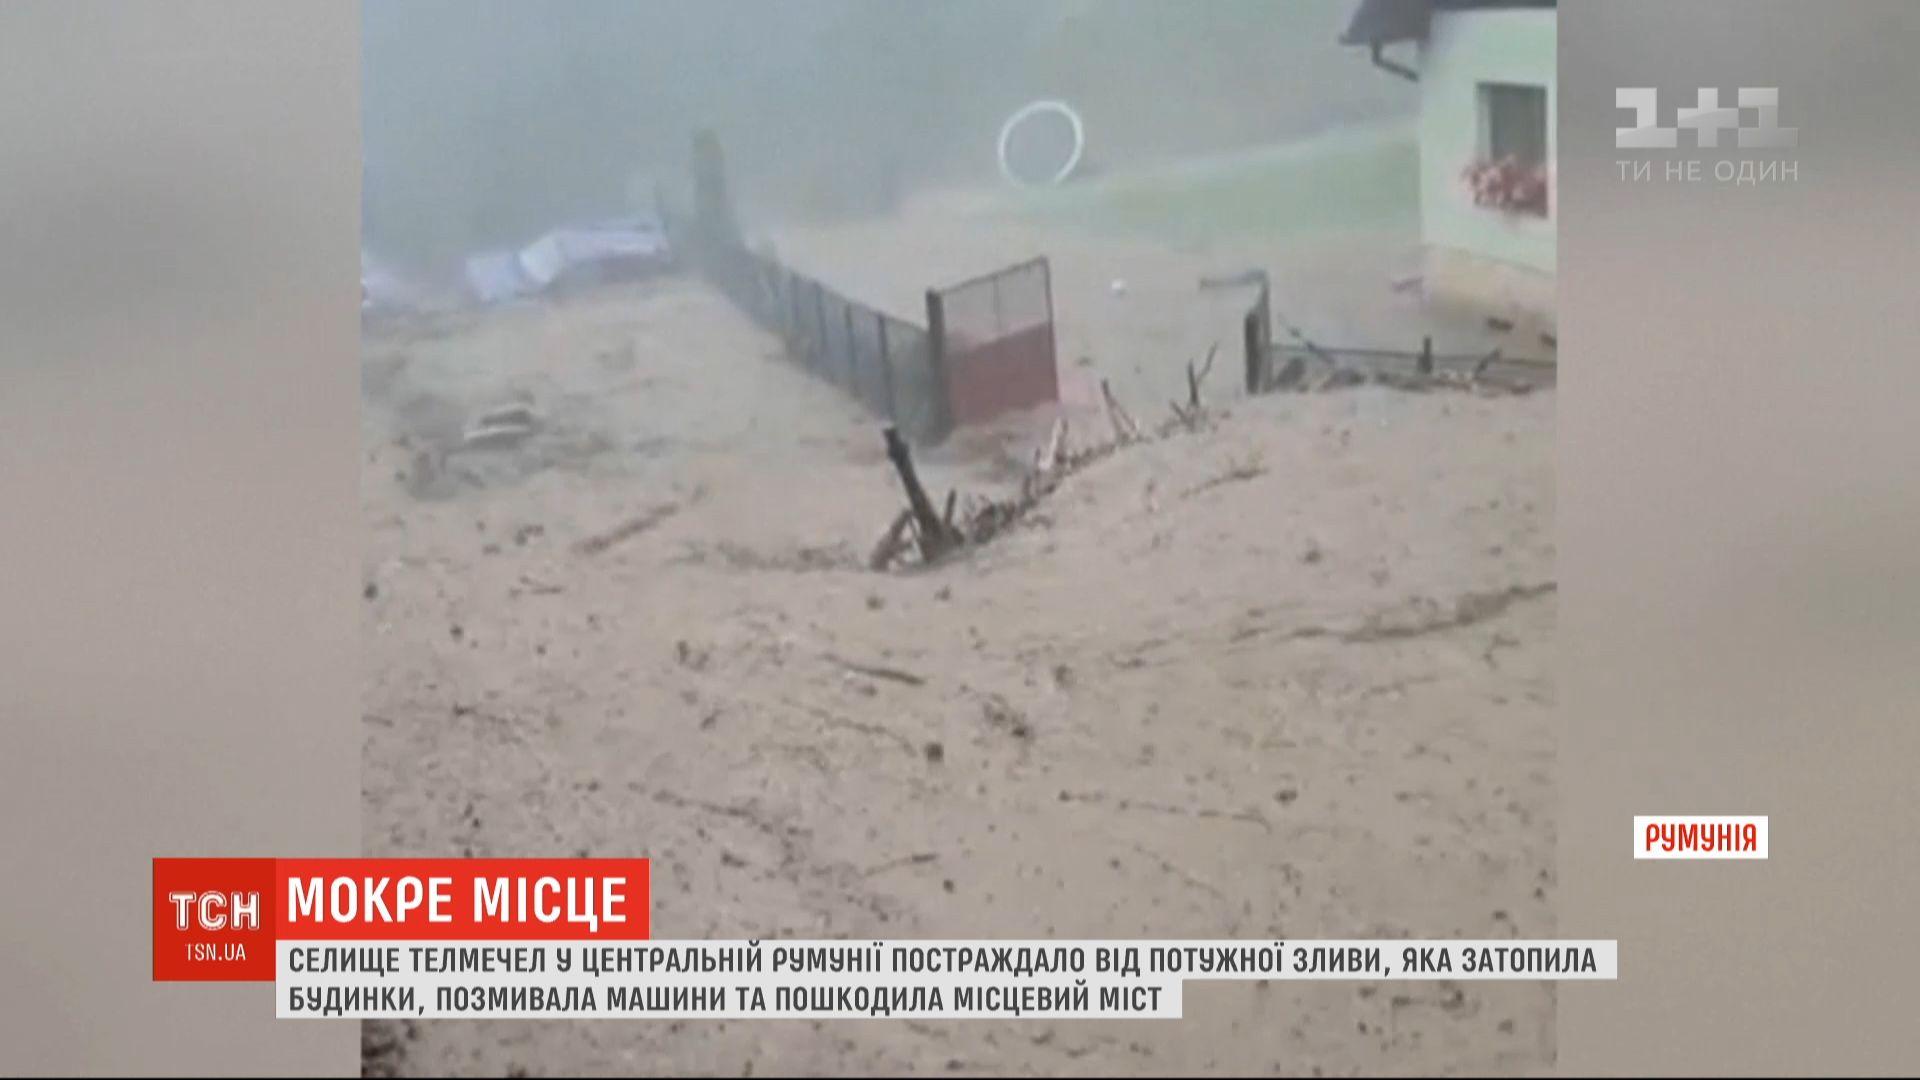 Стихія затопила селище Телмечел/ скріншот